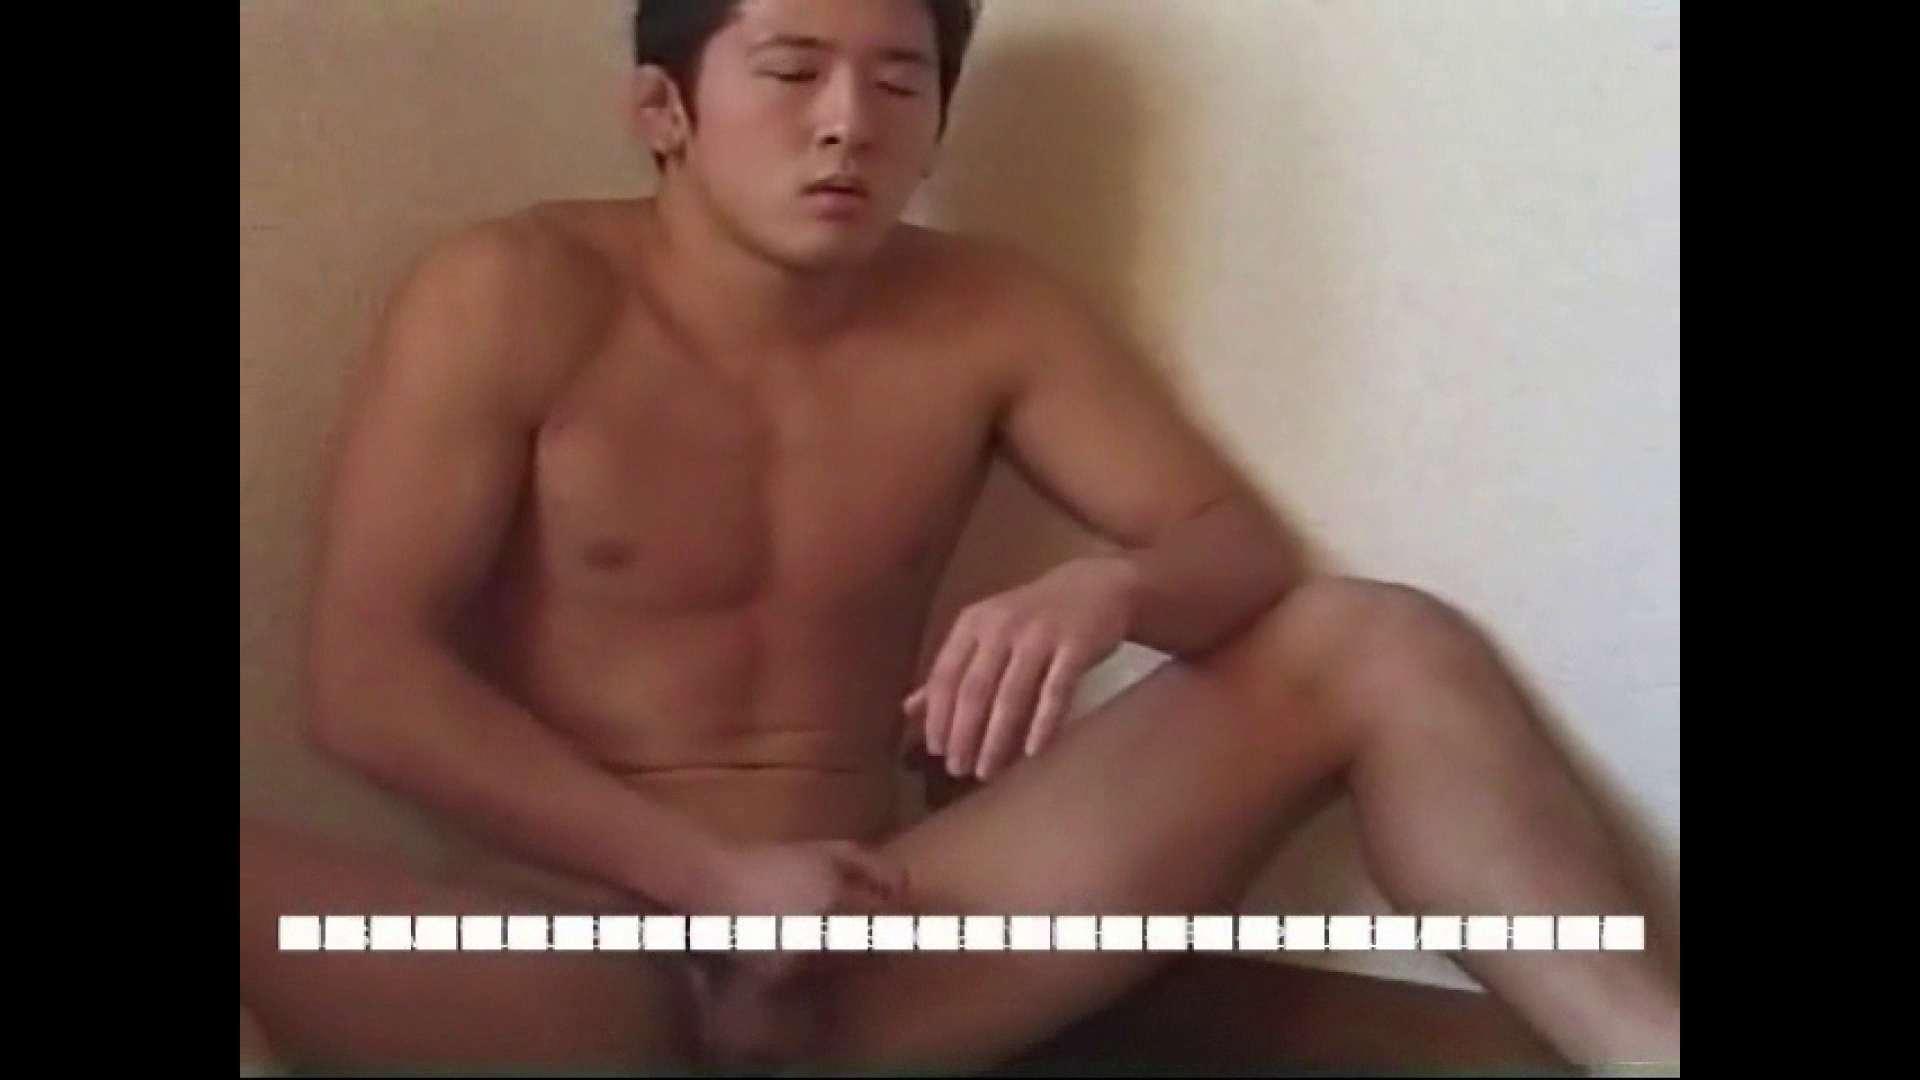 オナれ!集まれ!イケてるメンズ達!!File.15 巨根系男子 ゲイエロ動画 106枚 101